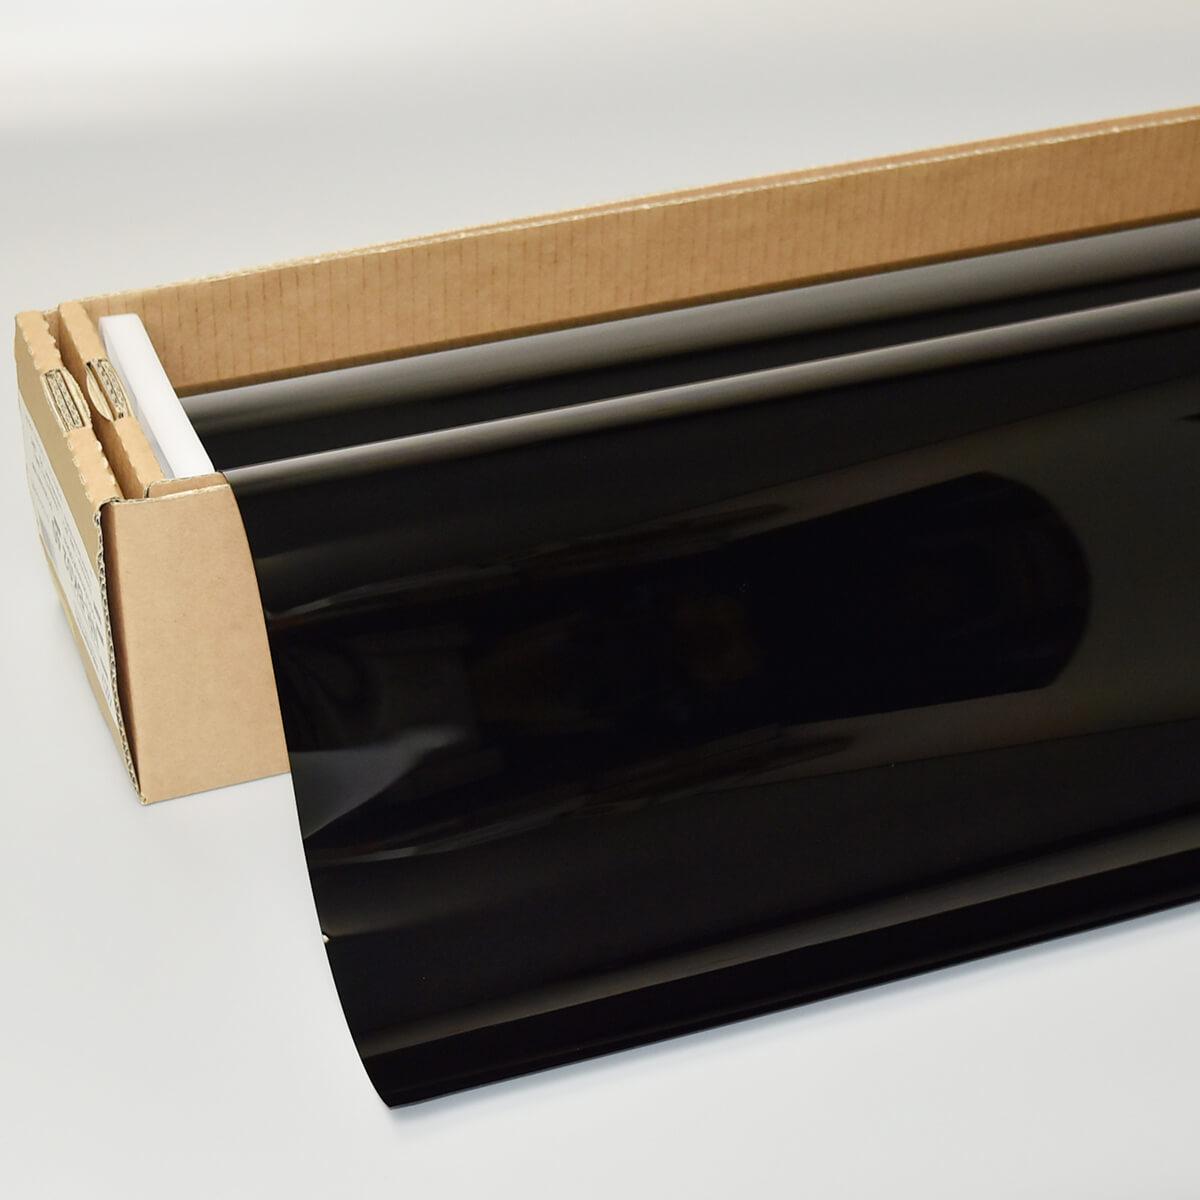 カーフィルム 窓ガラスフィルム NEWレギュラー・スモーク02(2%) 1m幅×30mロール箱売 スモークフィルム UVカットフィルム ブレインテック Braintec